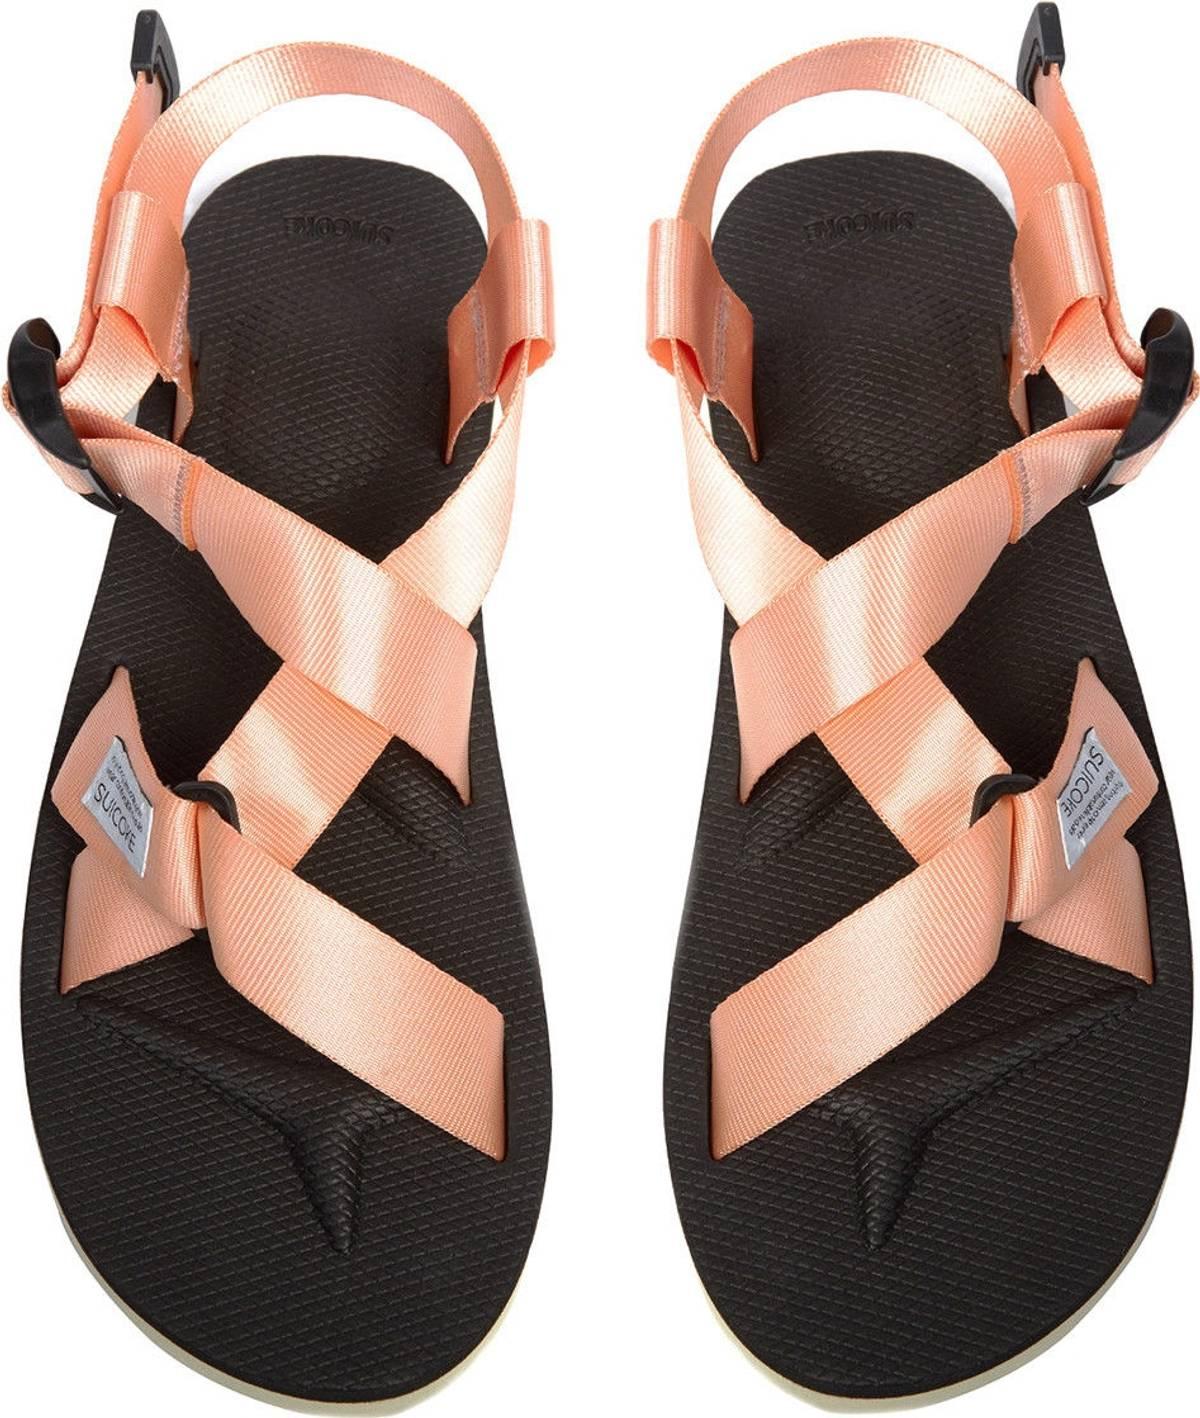 8ec0533f41a9 Suicoke Suicoke Men s CHIN2 Sandals Shoes OG-023-2 New Retails  198 Salmon  White Black Size 9 - Sandals for Sale - Grailed